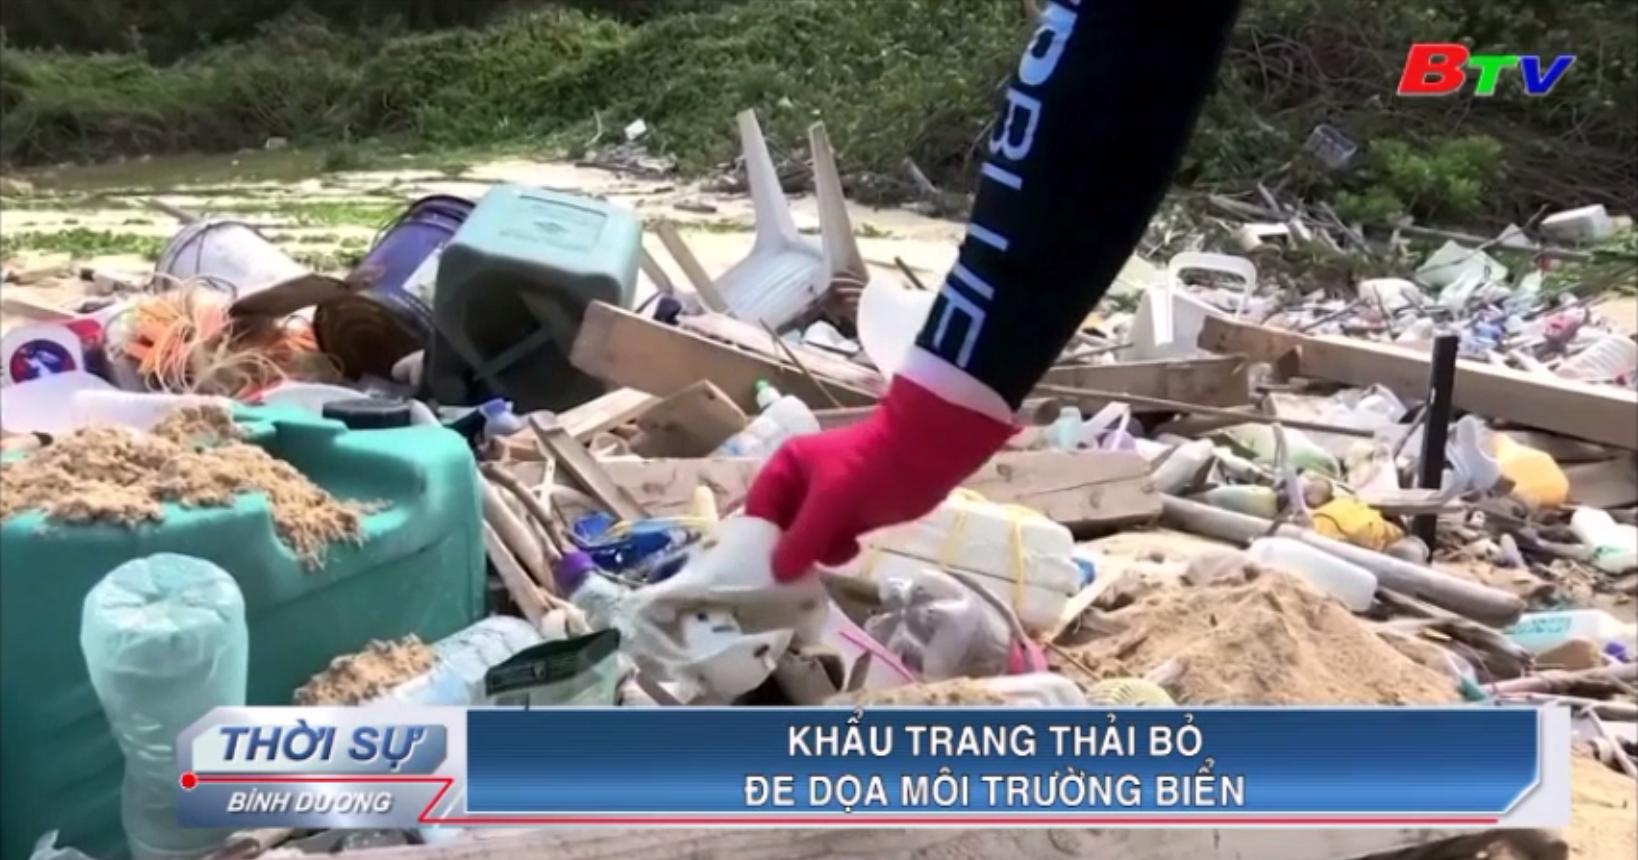 Khẩu trang thải bỏ đe dọa môi trường biển